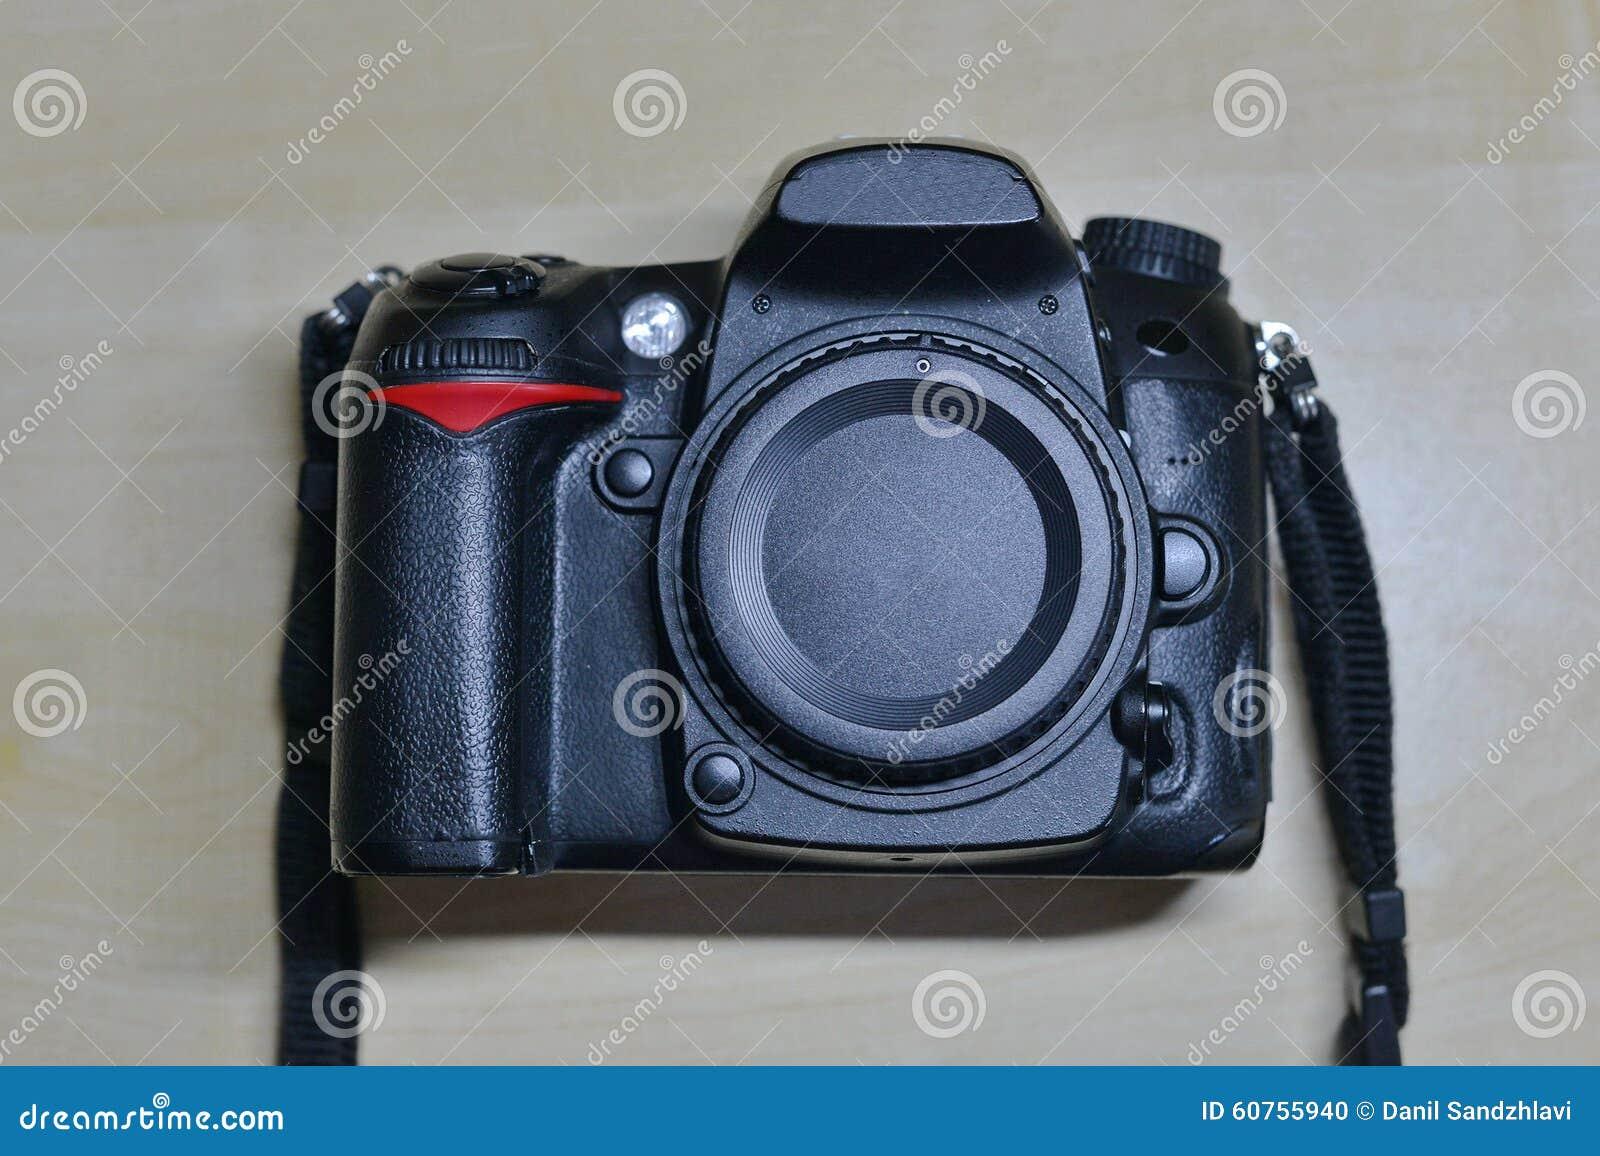 Camera Dslr Camera Without Lens digital dslr camera without lens isolated body stock photo body